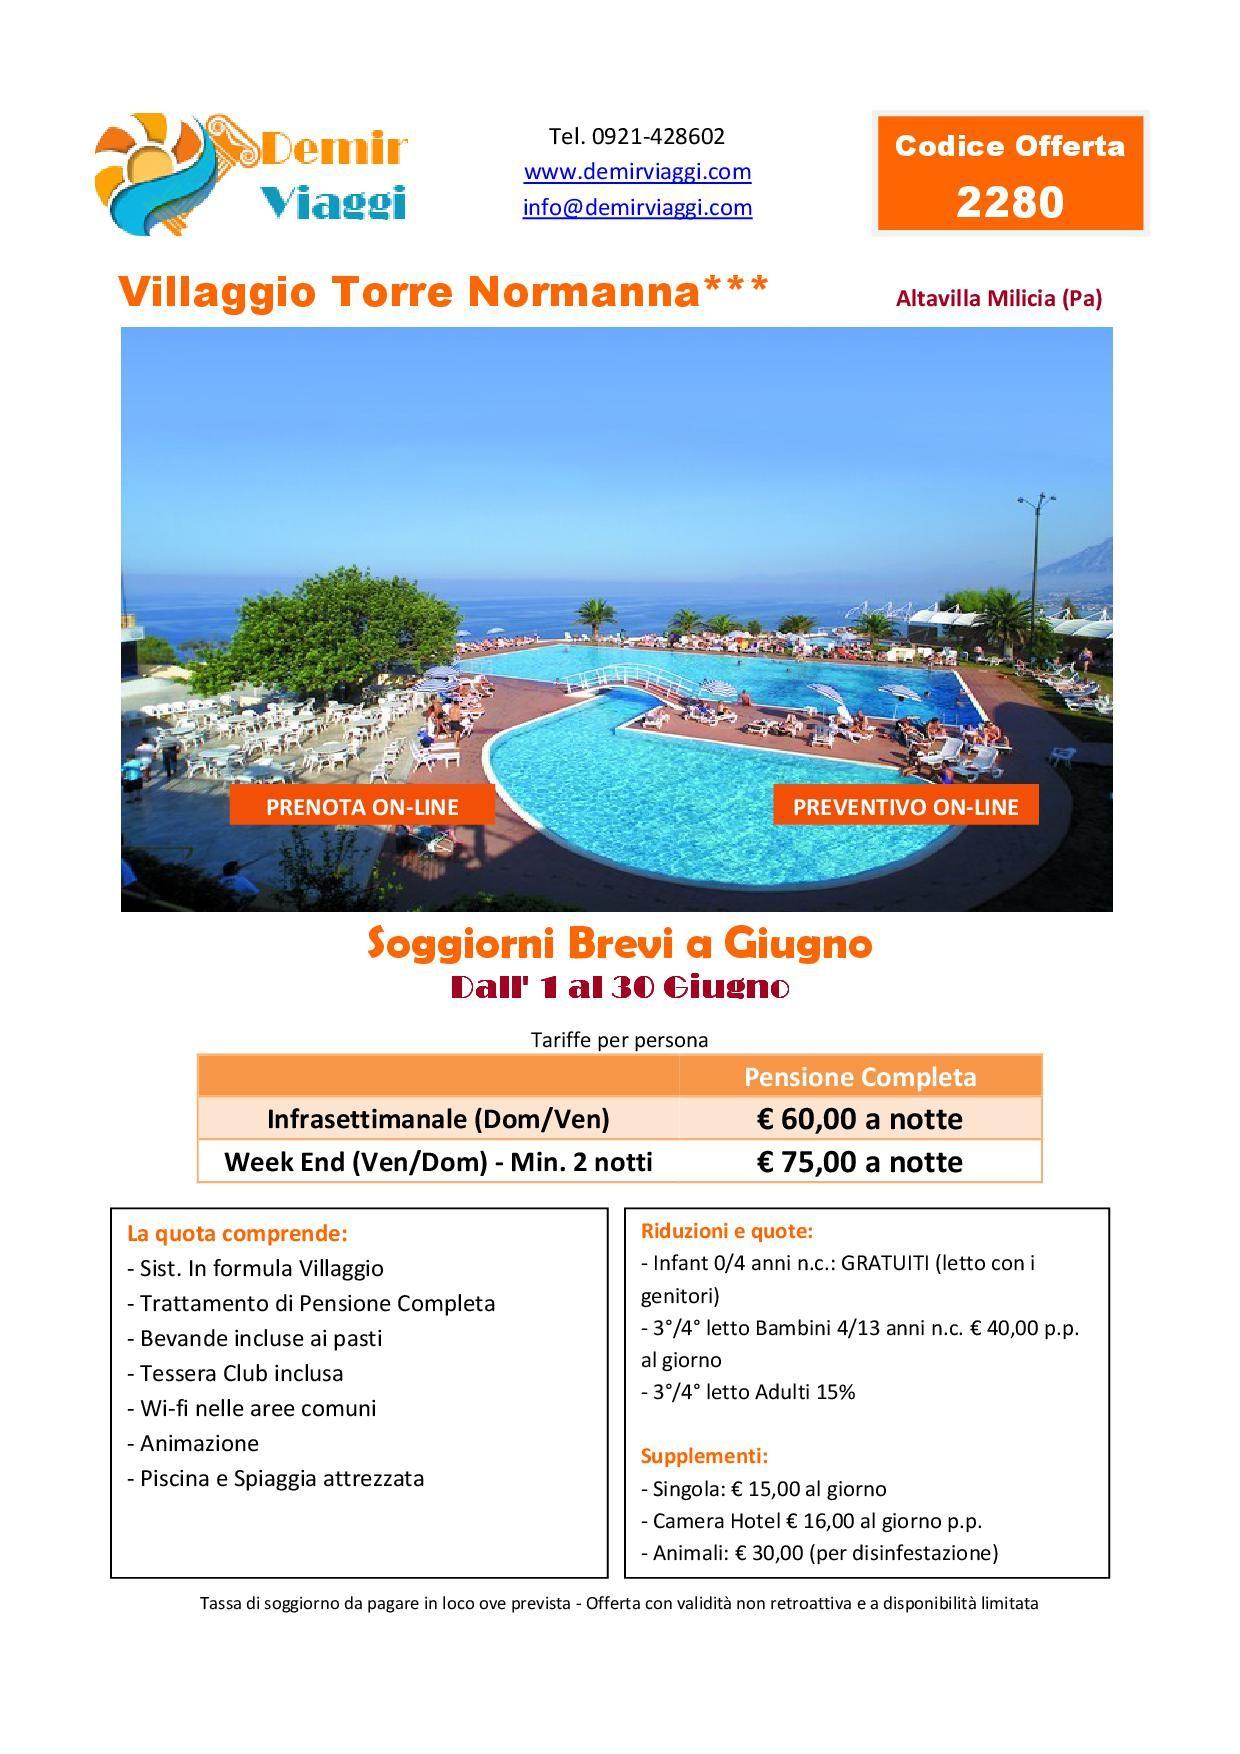 Villaggio Torre Normanna*** - Altavilla Milicia Soggiorni Brevi ...